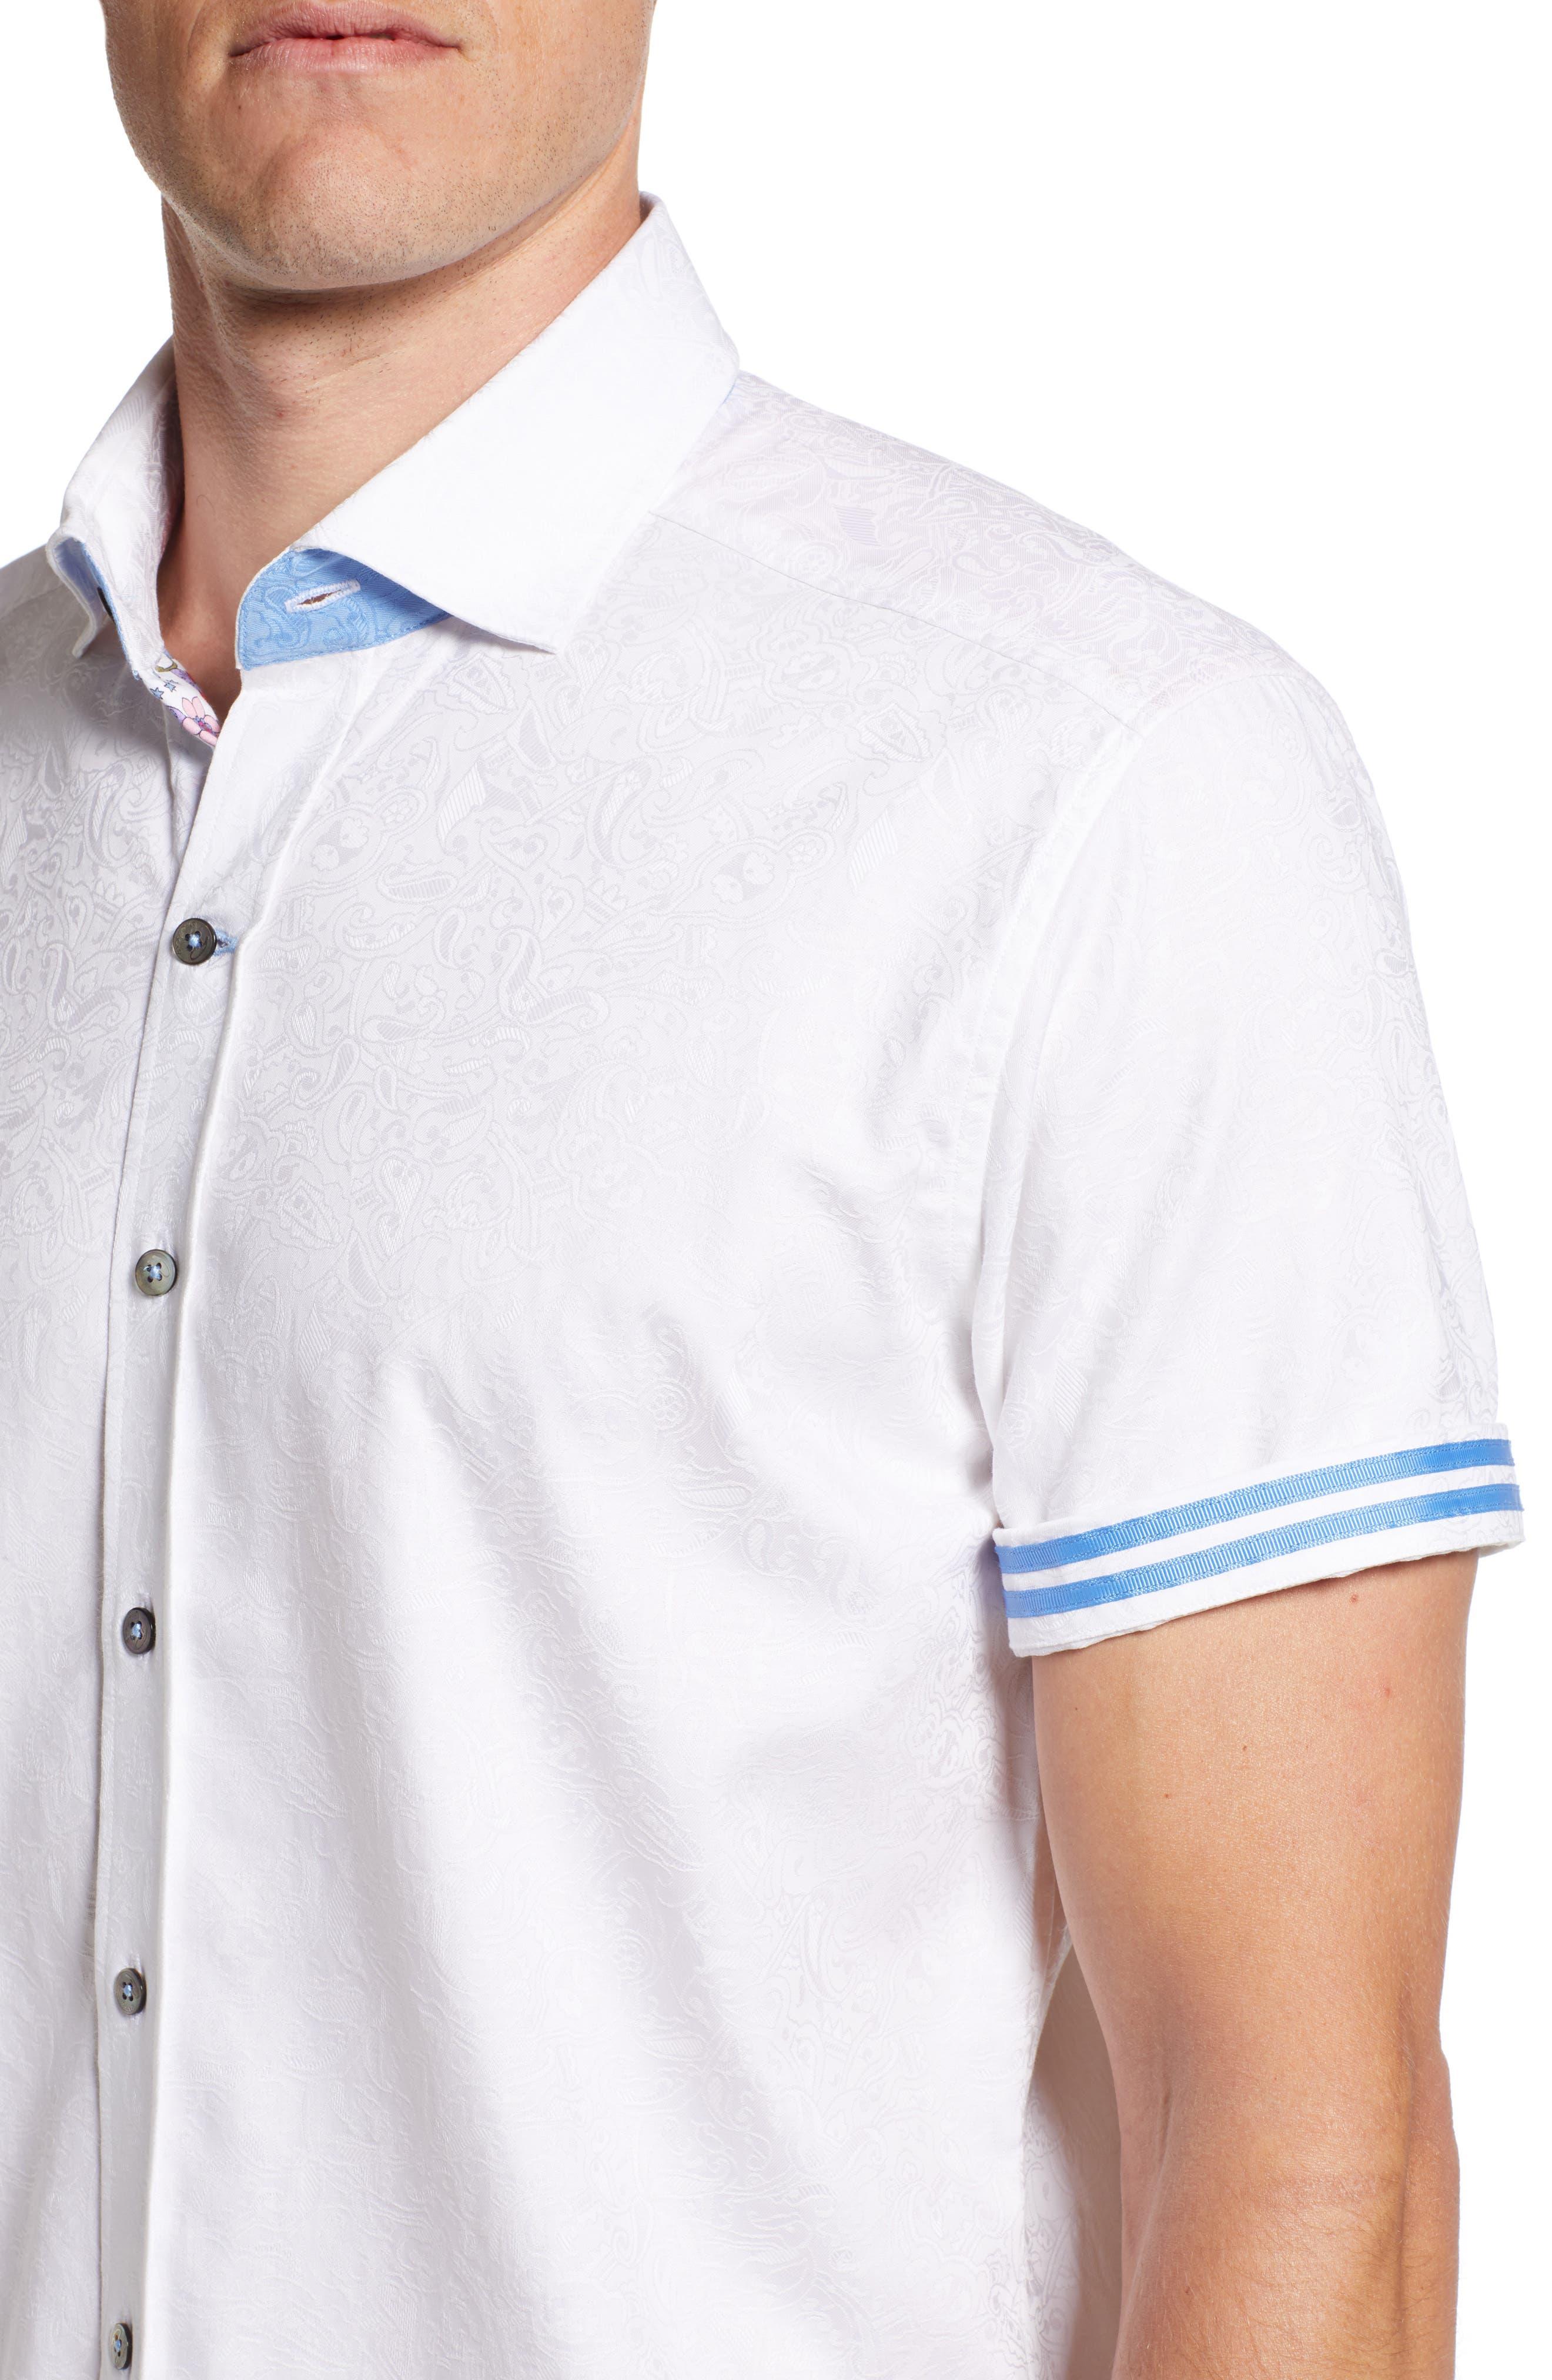 Abbott Sport Shirt,                             Alternate thumbnail 2, color,                             100